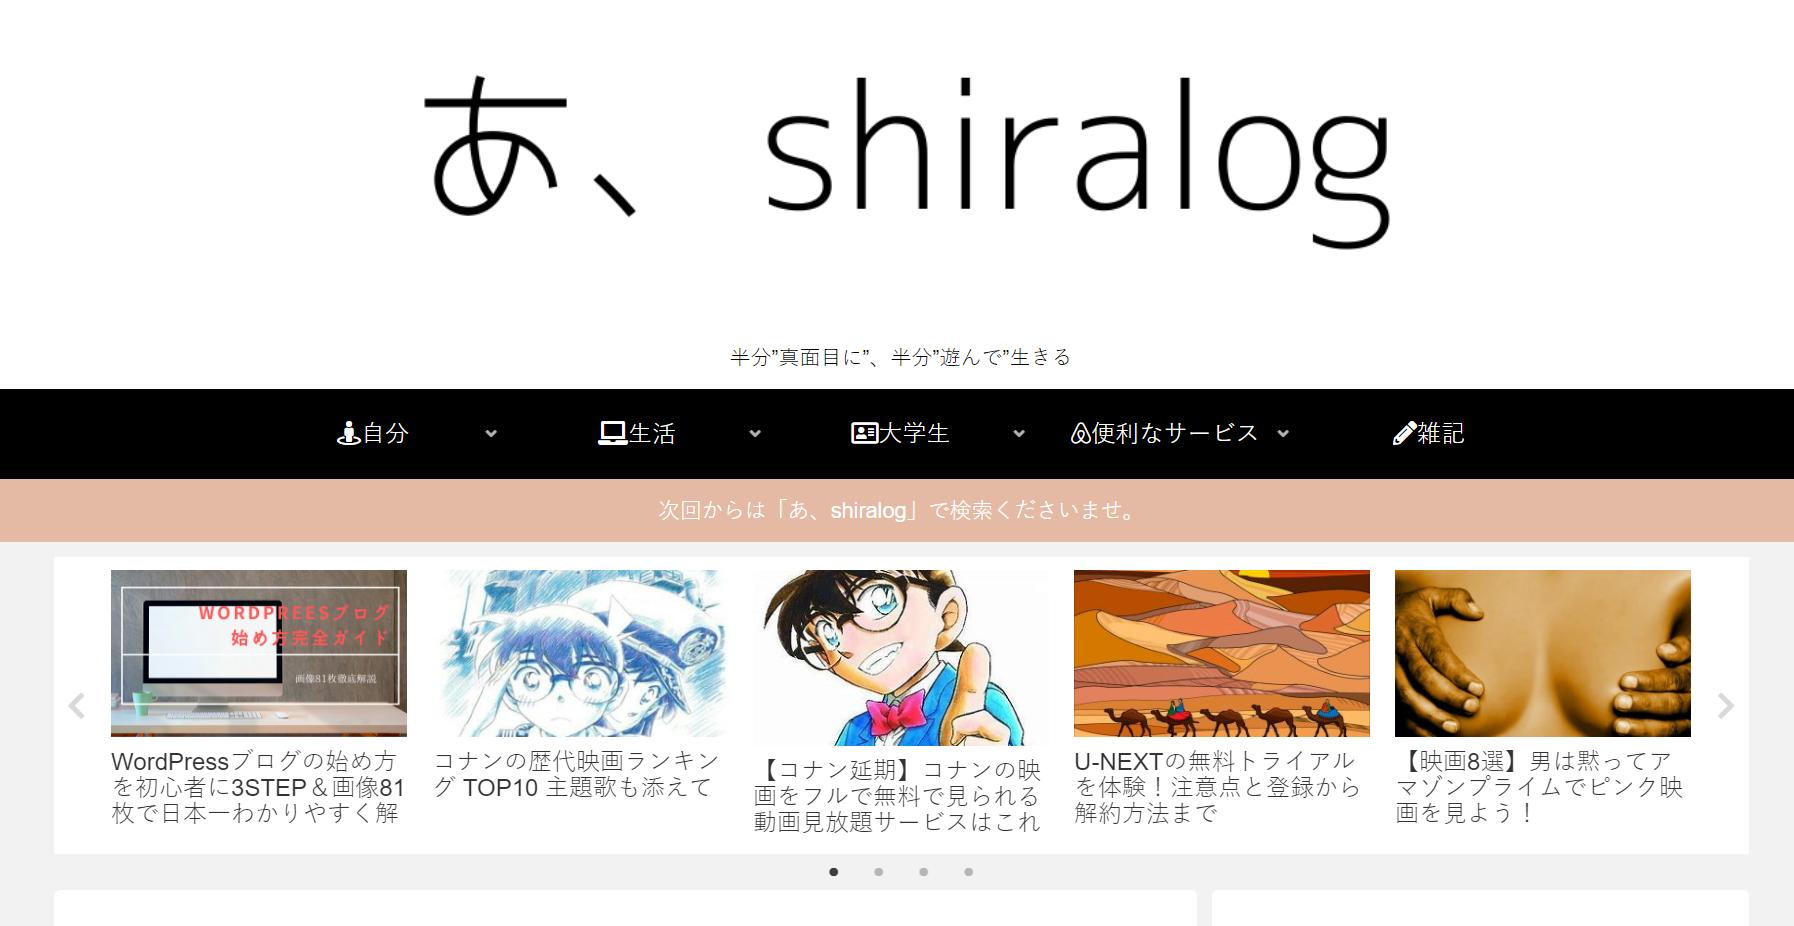 あ、shiralog